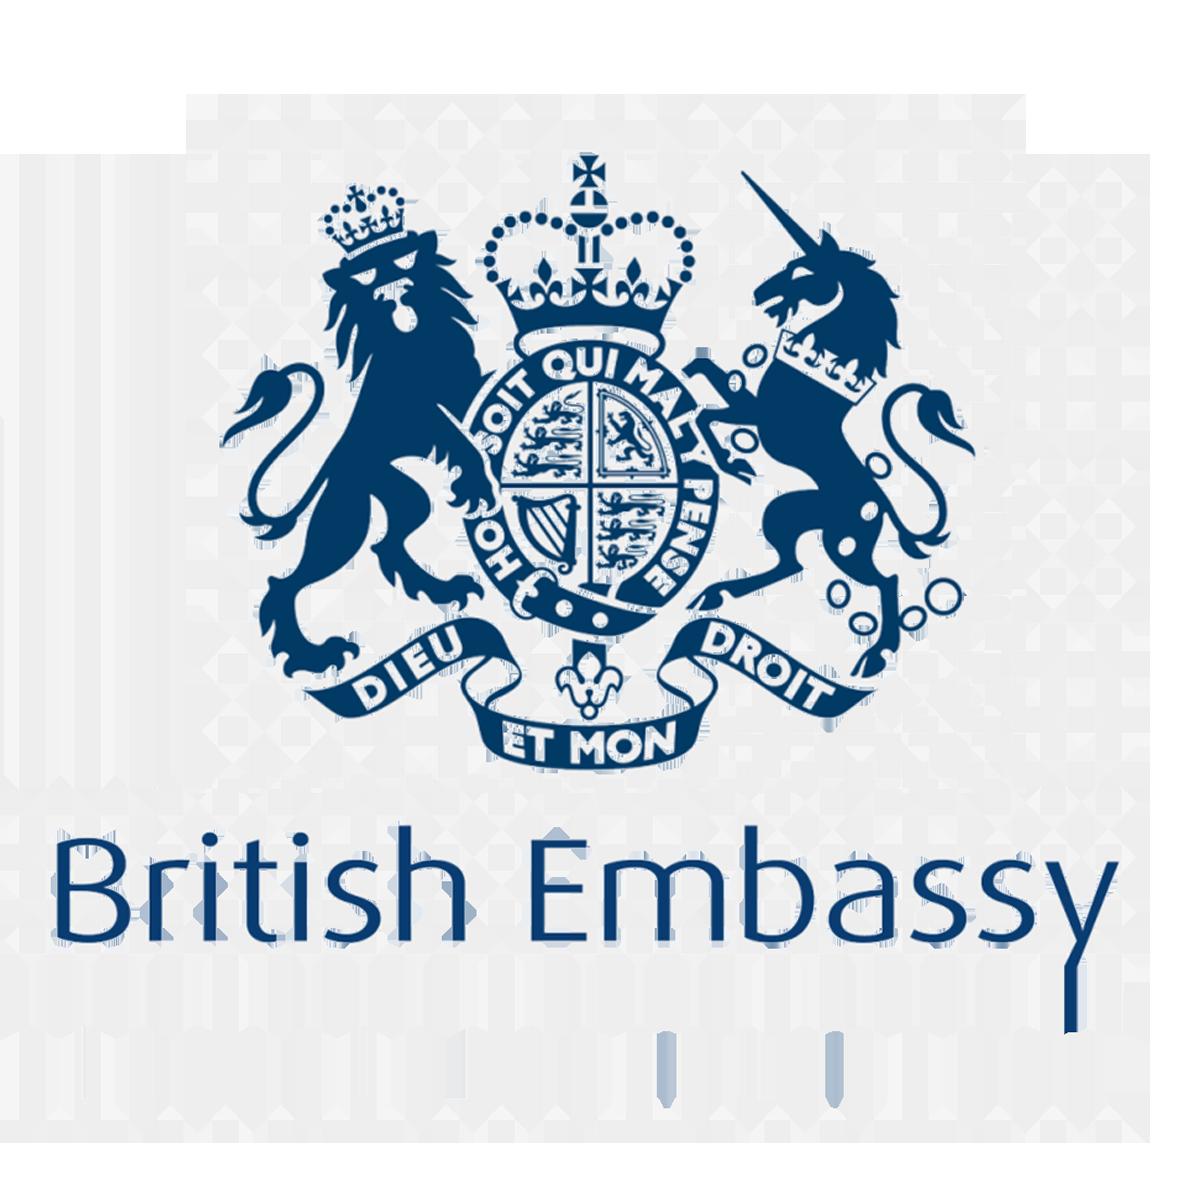 British Embassy Logo - HoCoSo Track Record